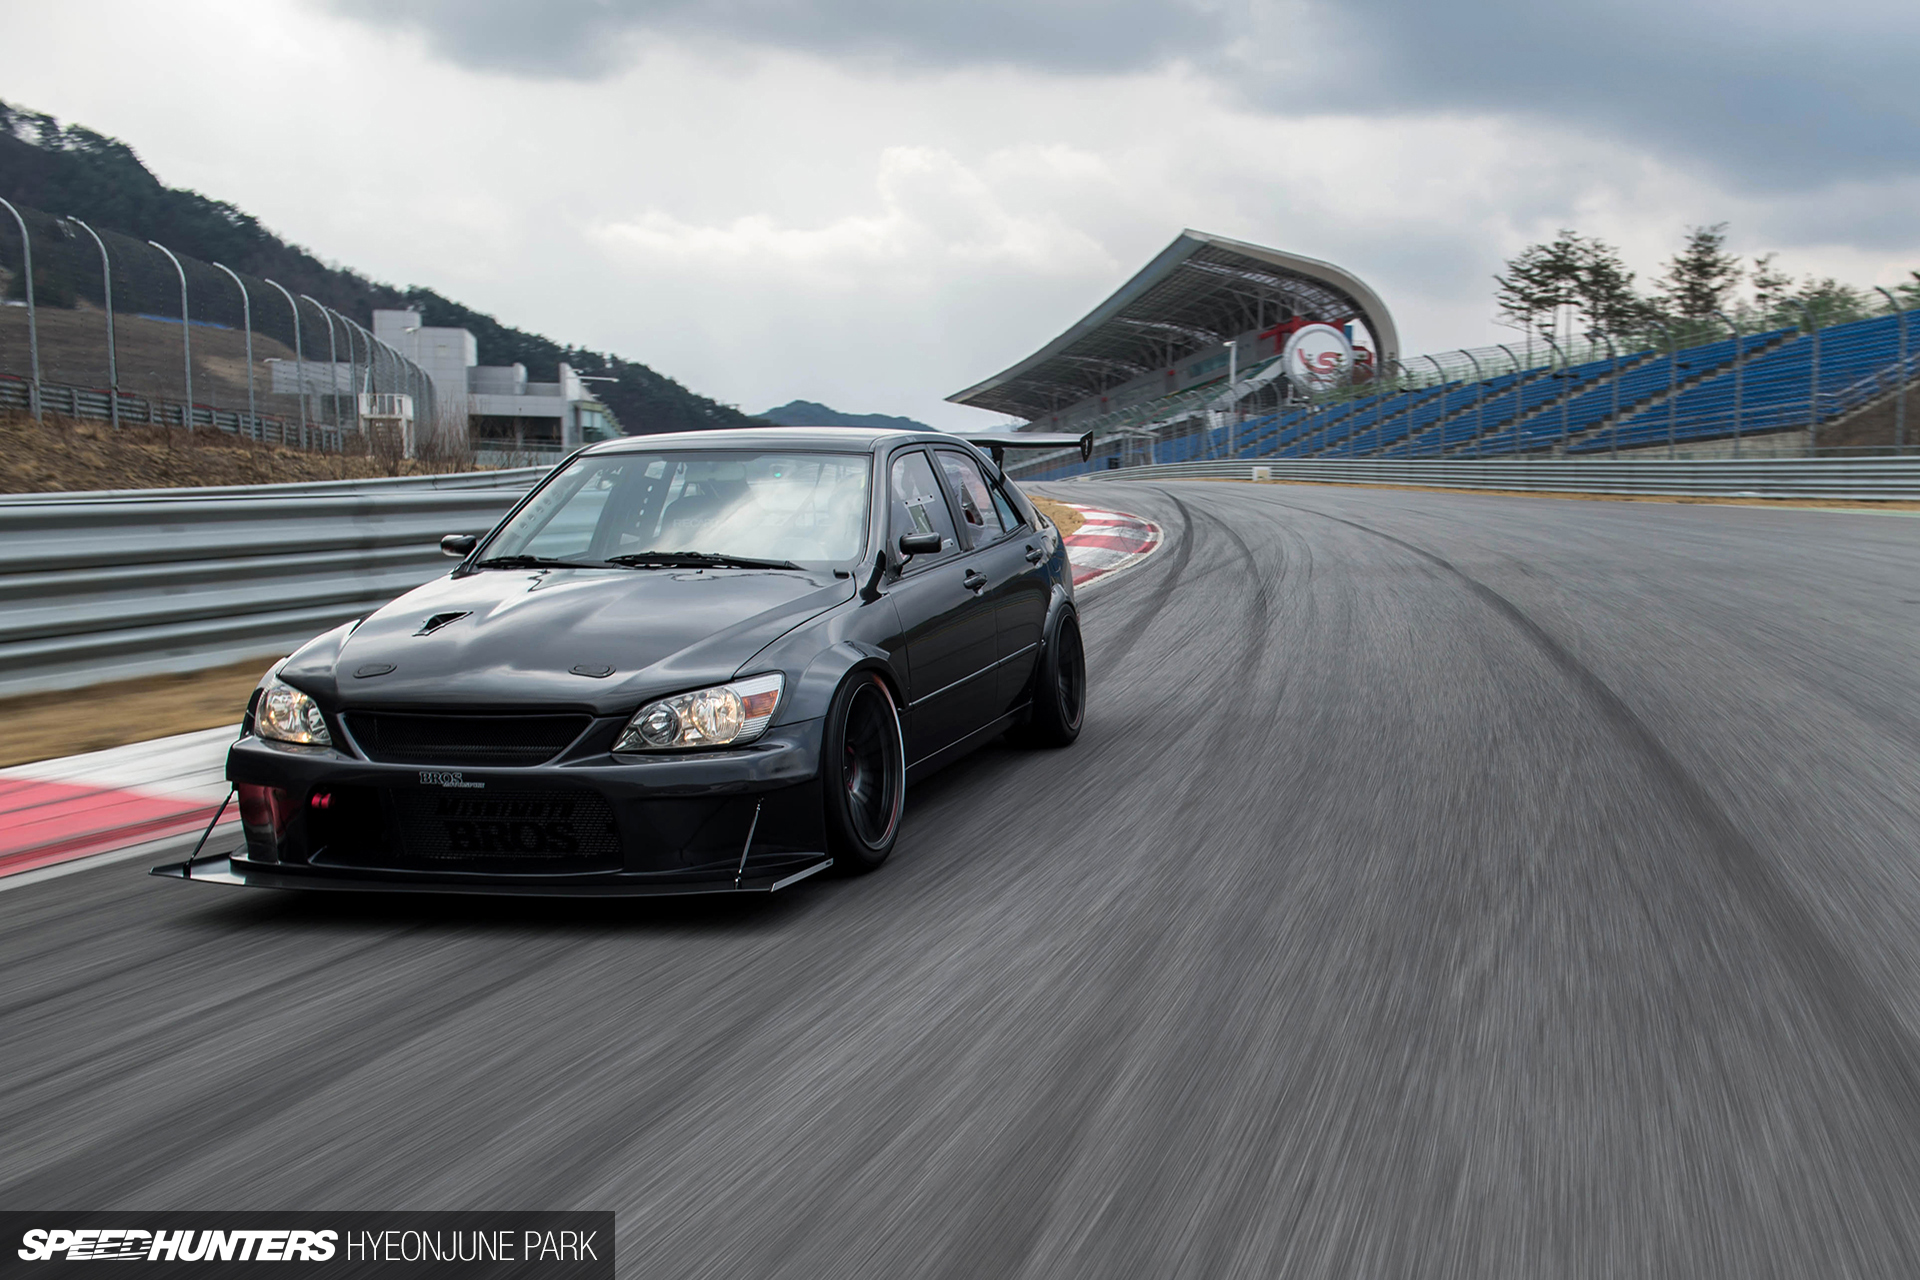 Jdm In Korea The Motorklasse Lexus Is200 Speedhunters